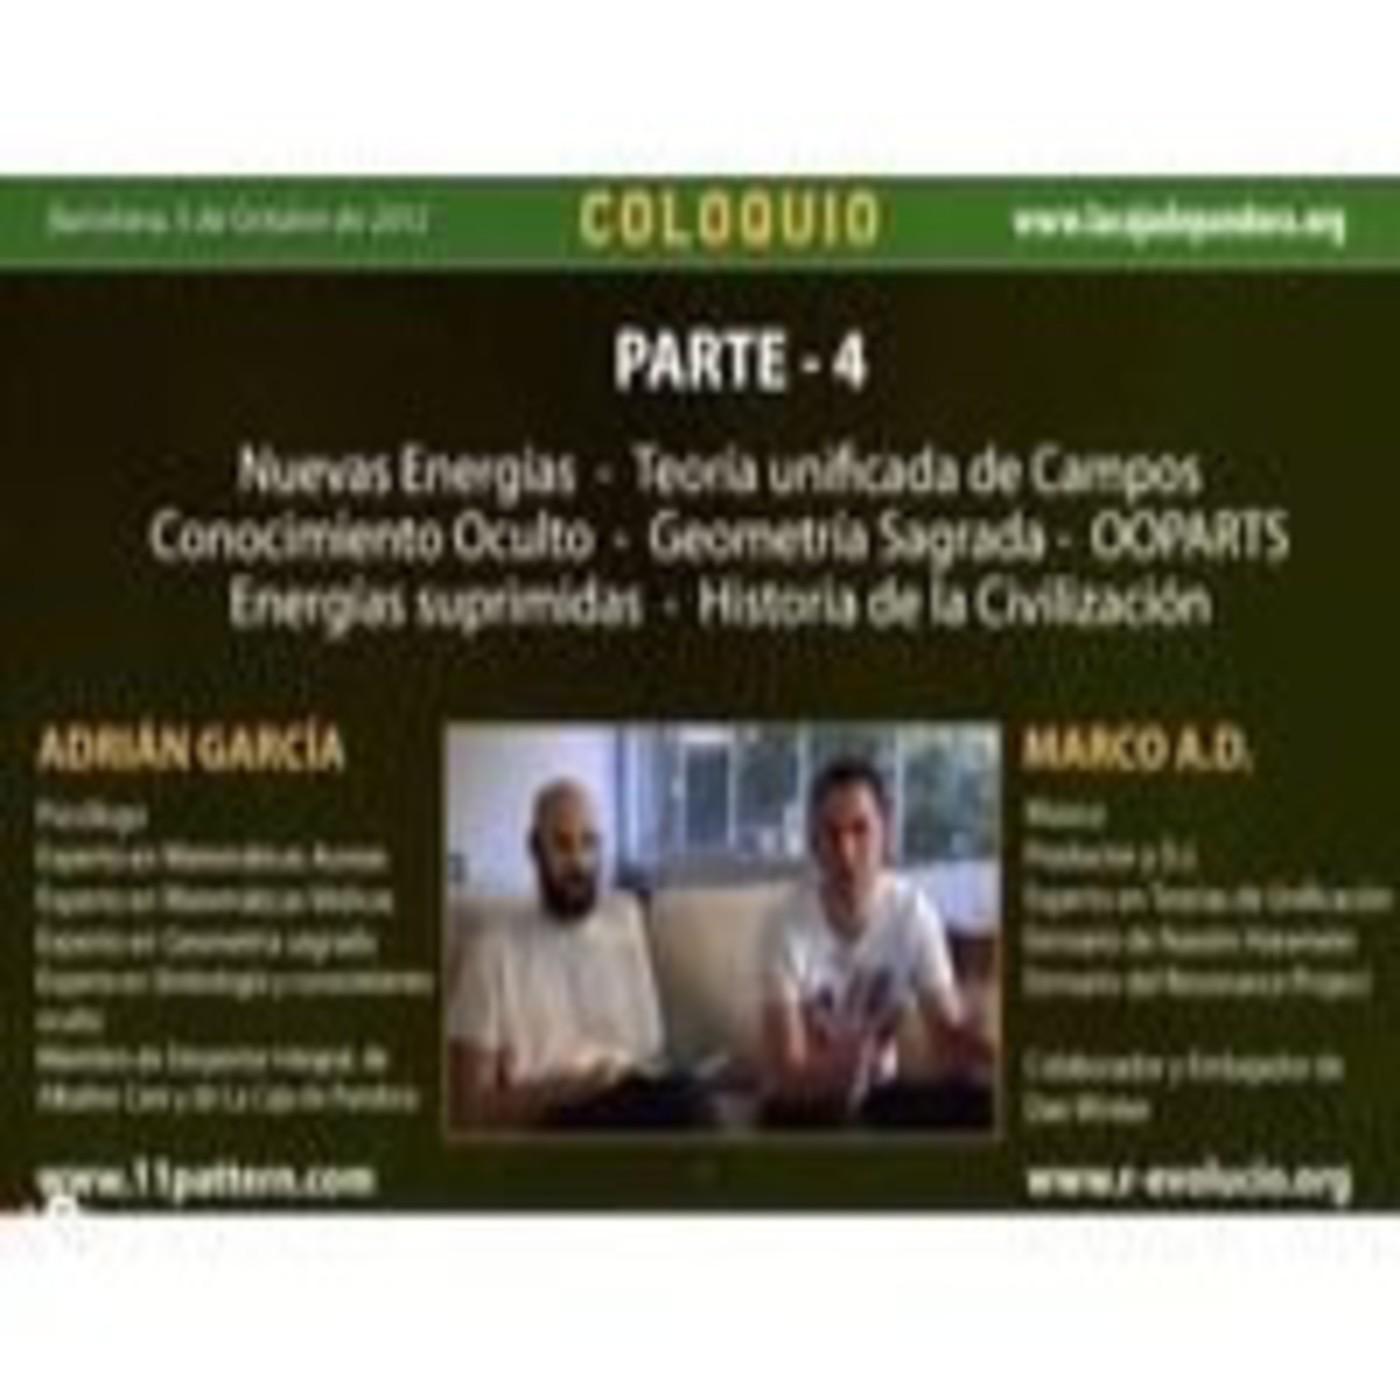 COGNOS 2012 -- Entrevista a Adrian García y Marco Díaz - PARTE 4 de 4